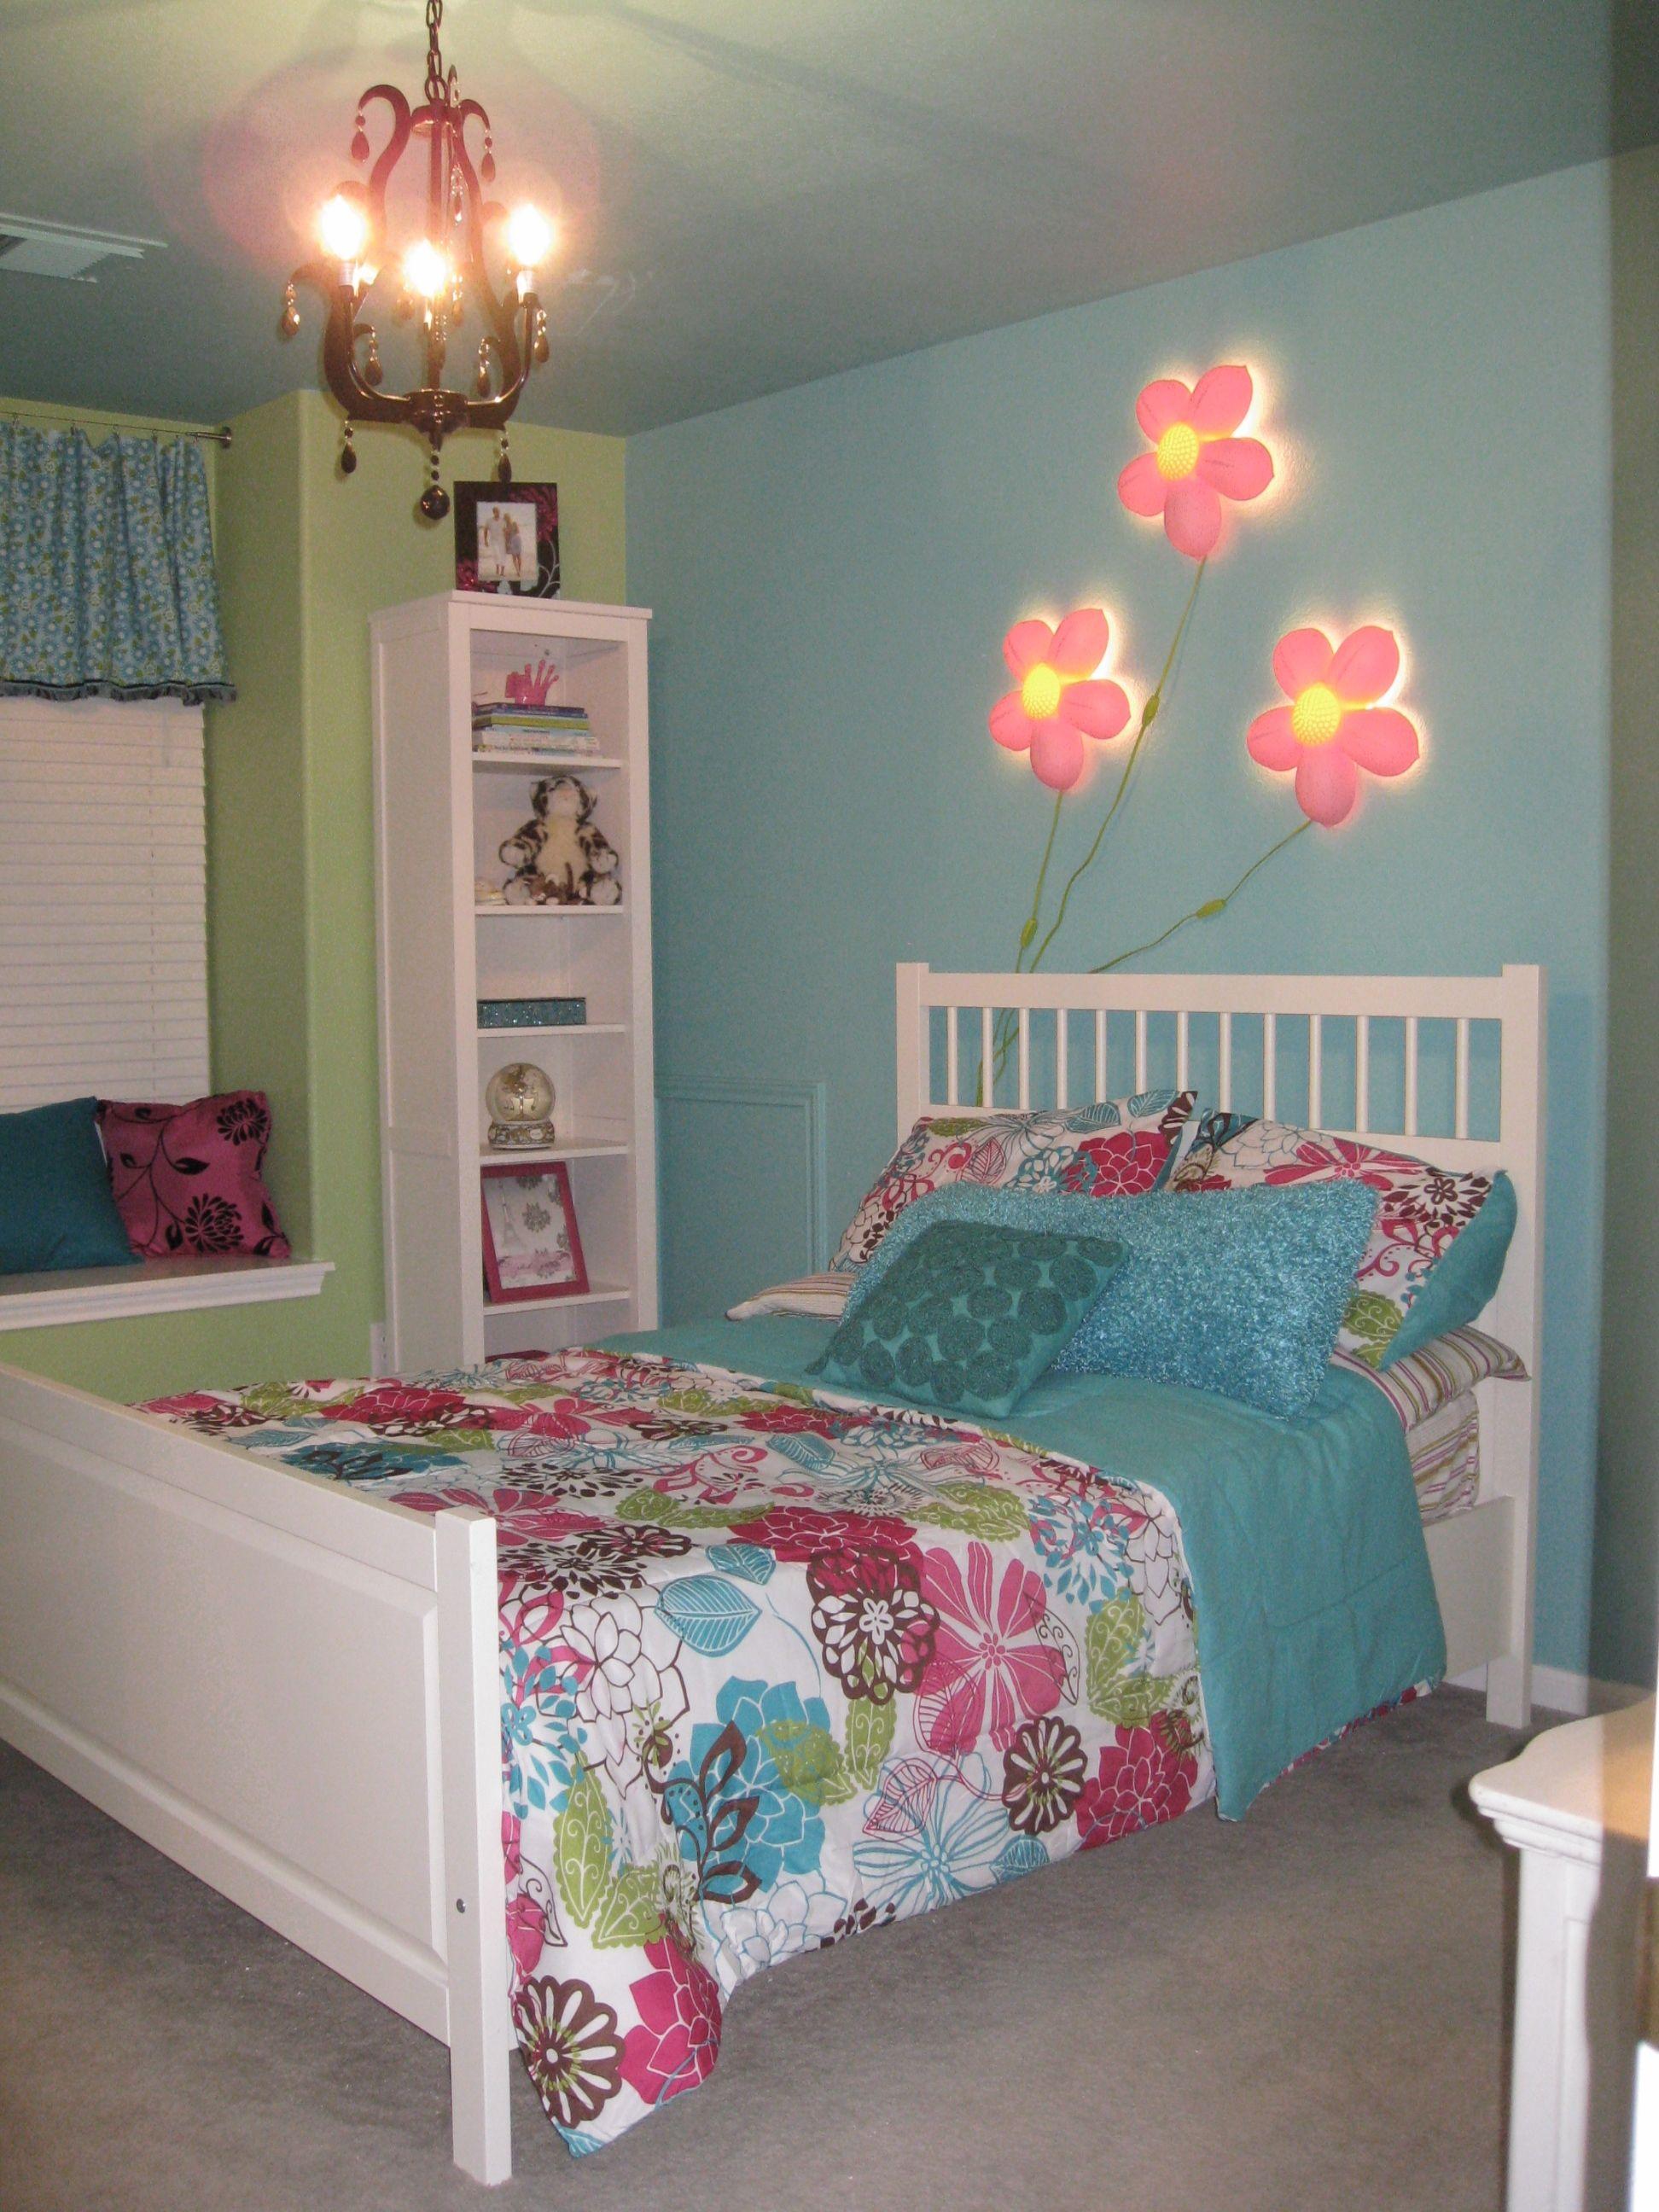 design bedroom%0A Girls bedroom ideas